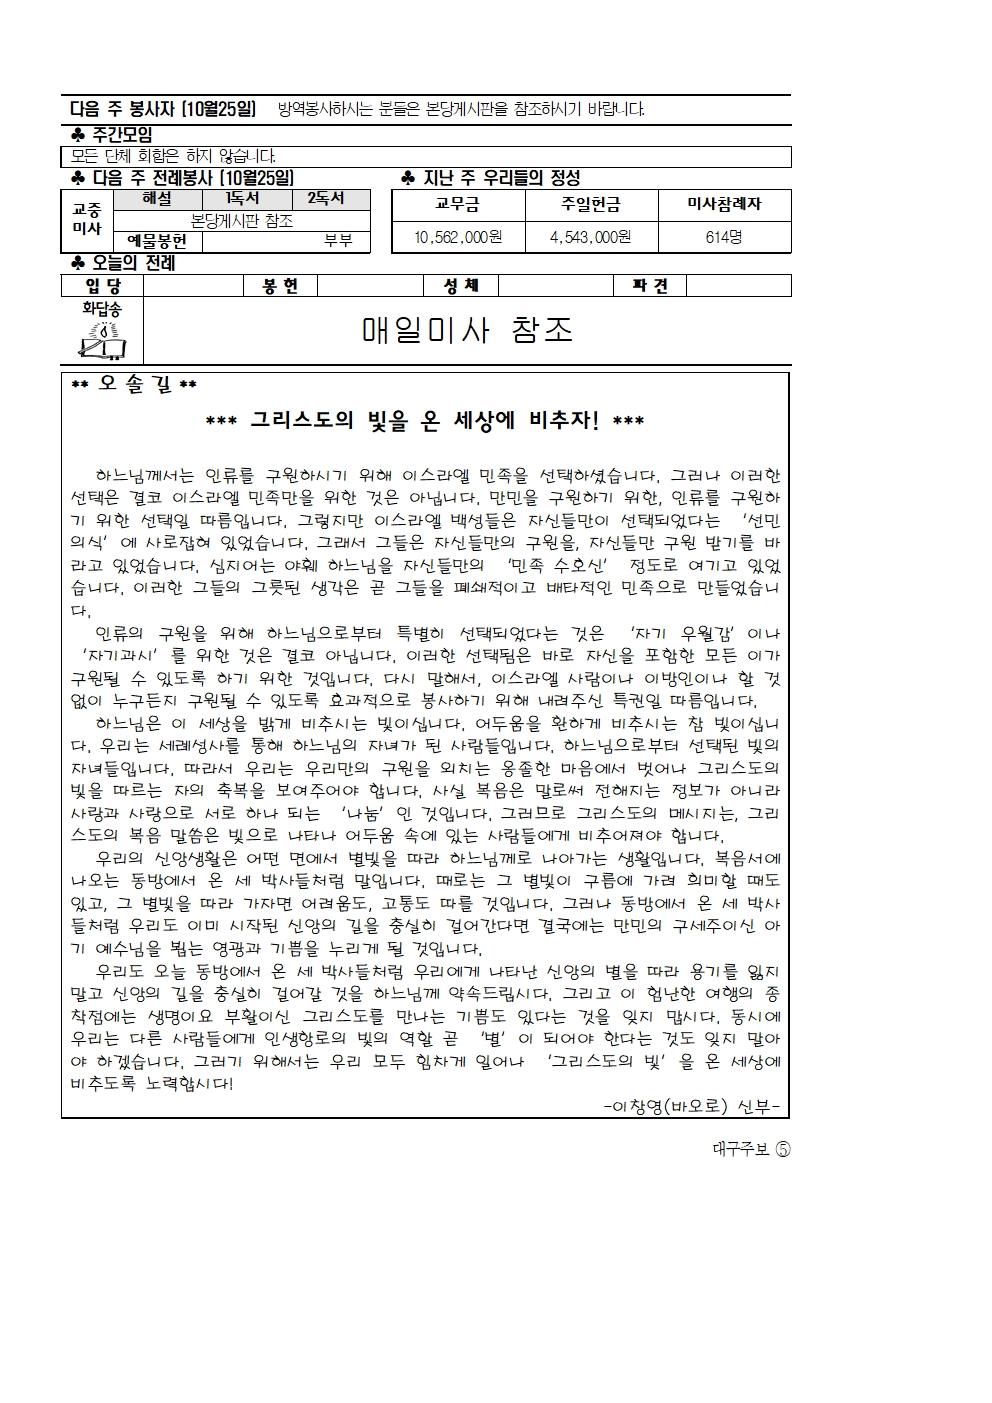 민족들의 복음화를 위한 미사002.jpg